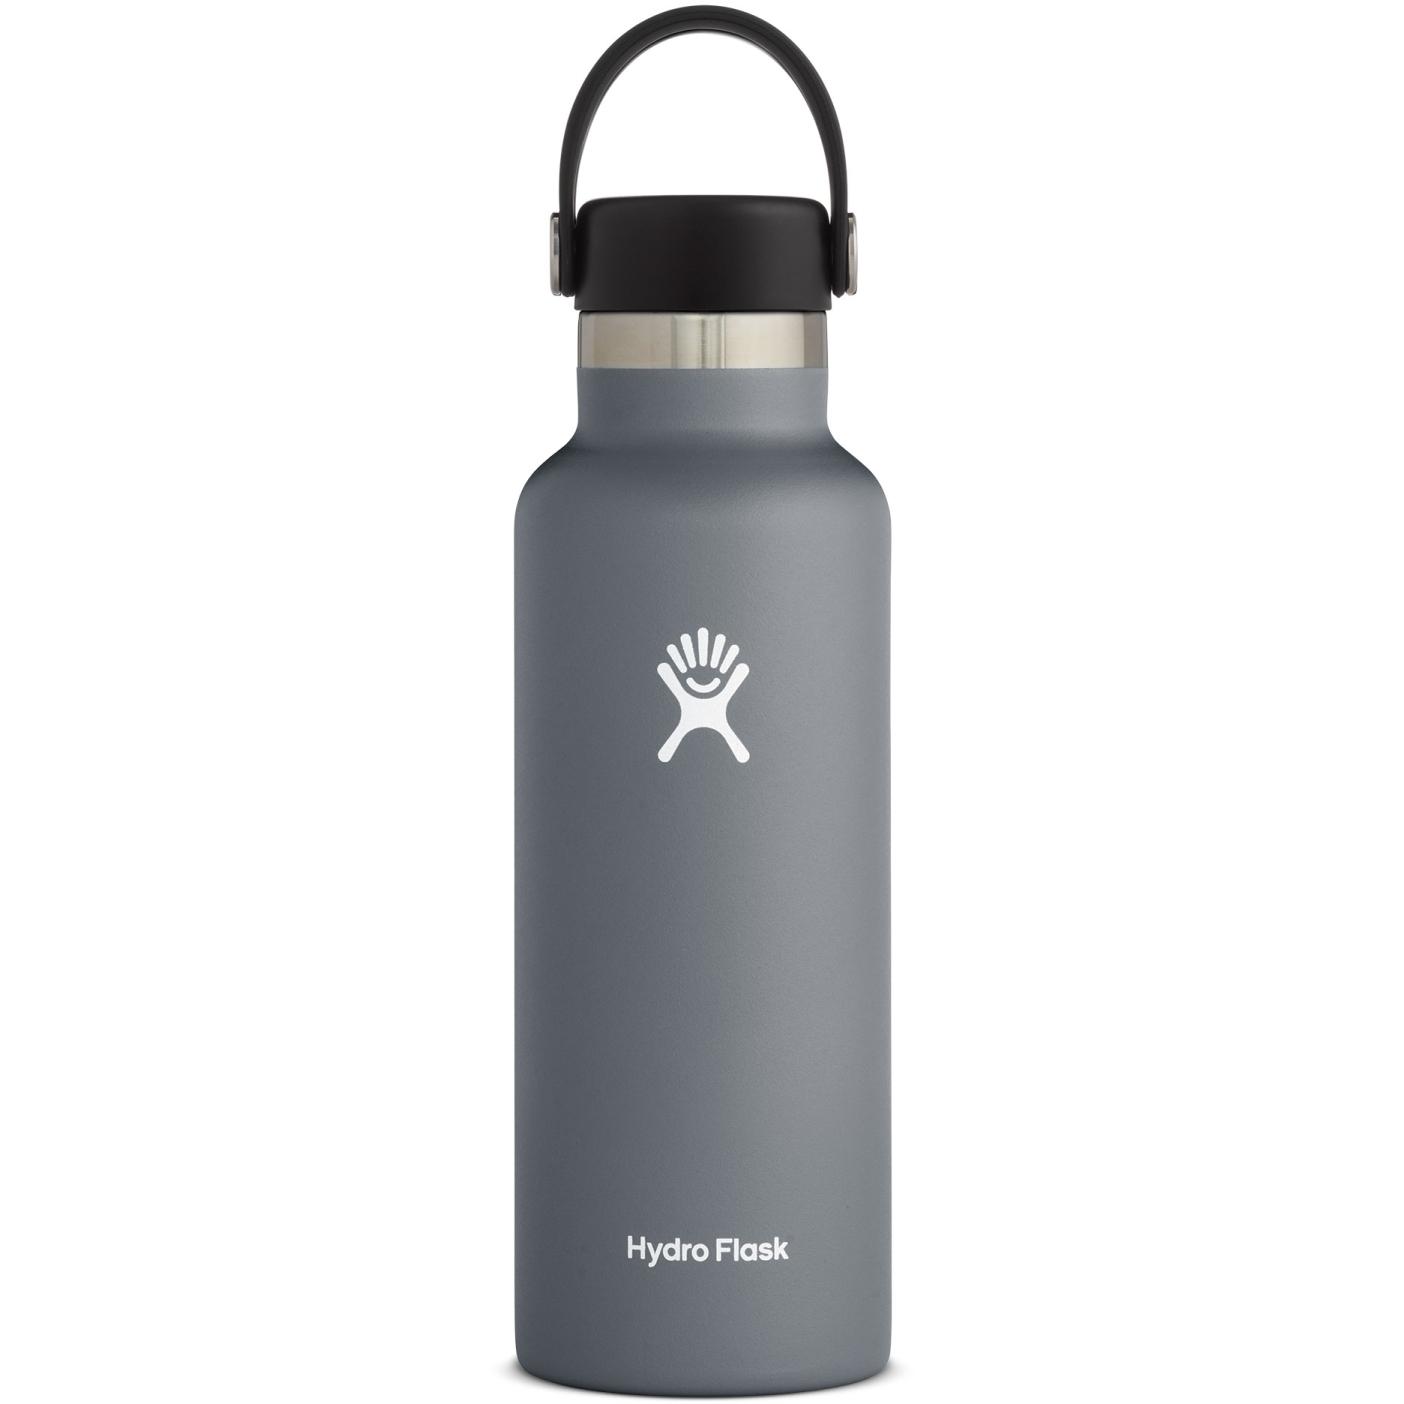 Produktbild von Hydro Flask 18oz Standard Mouth Flex Cap Thermoflasche - 532ml - Stone